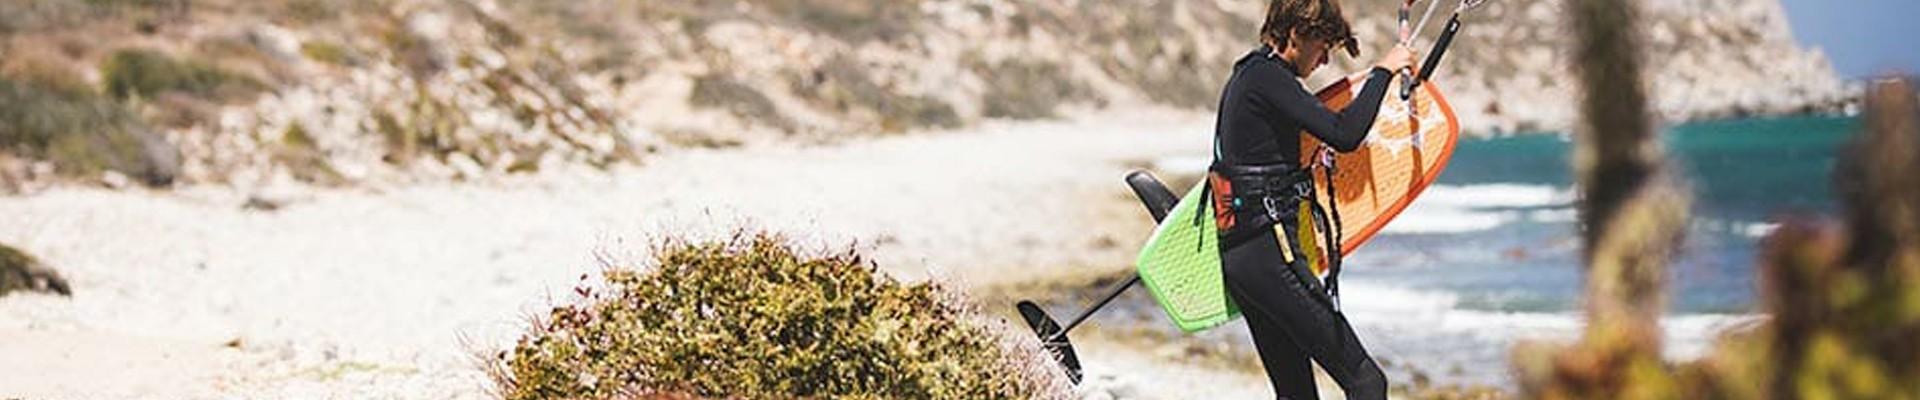 Kitefoil | Livraison gratuite dès 100€ d'achats